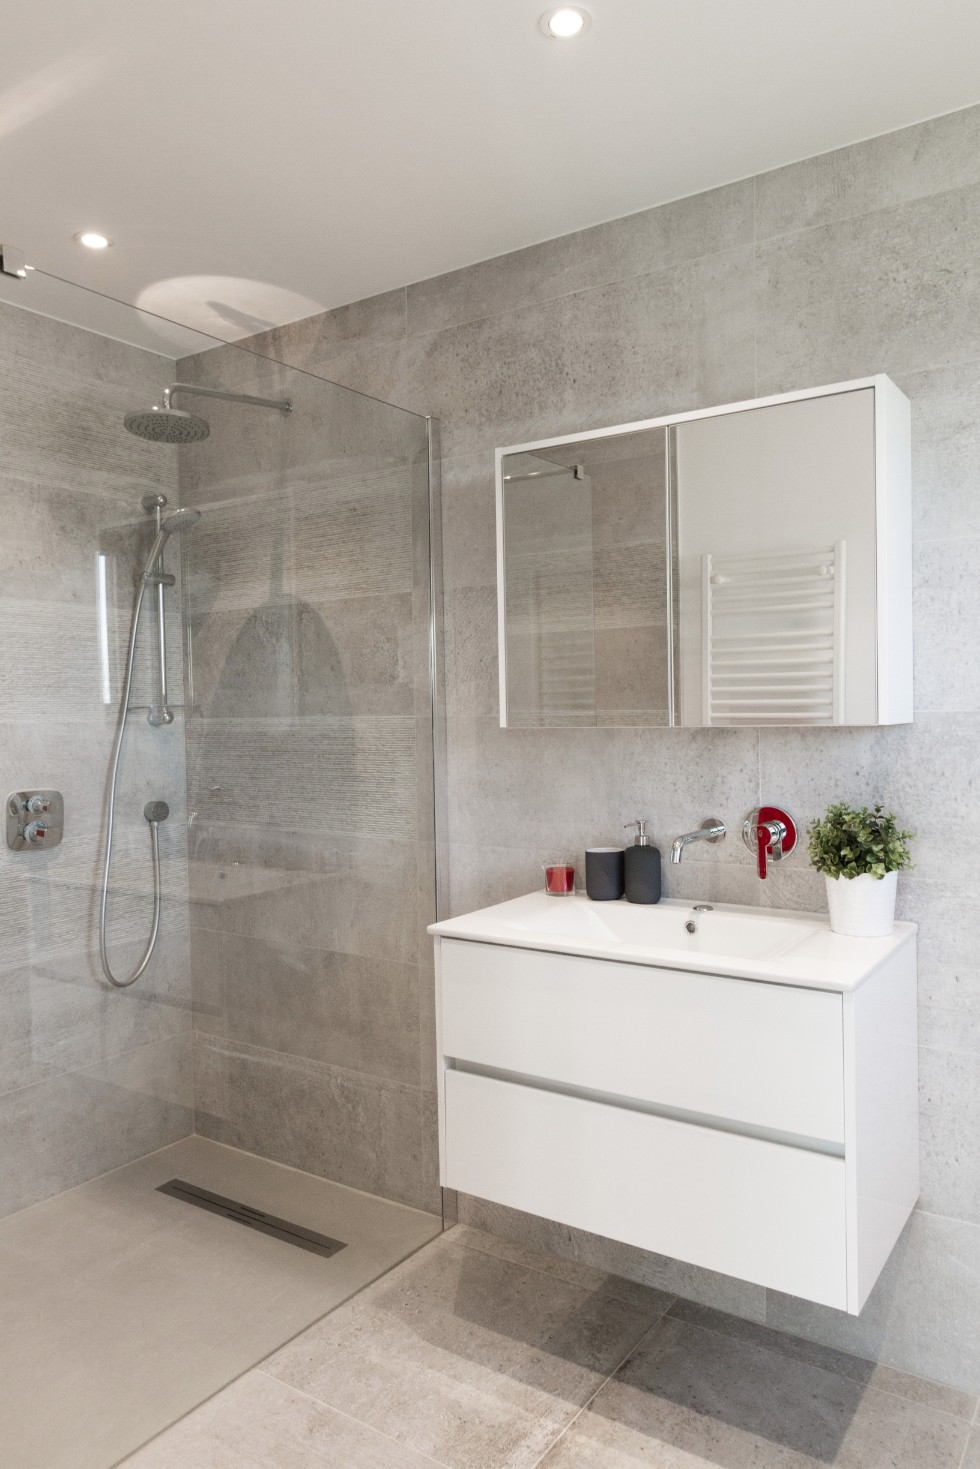 salle de bains odeur delta constructions maisons cl sur porte. Black Bedroom Furniture Sets. Home Design Ideas